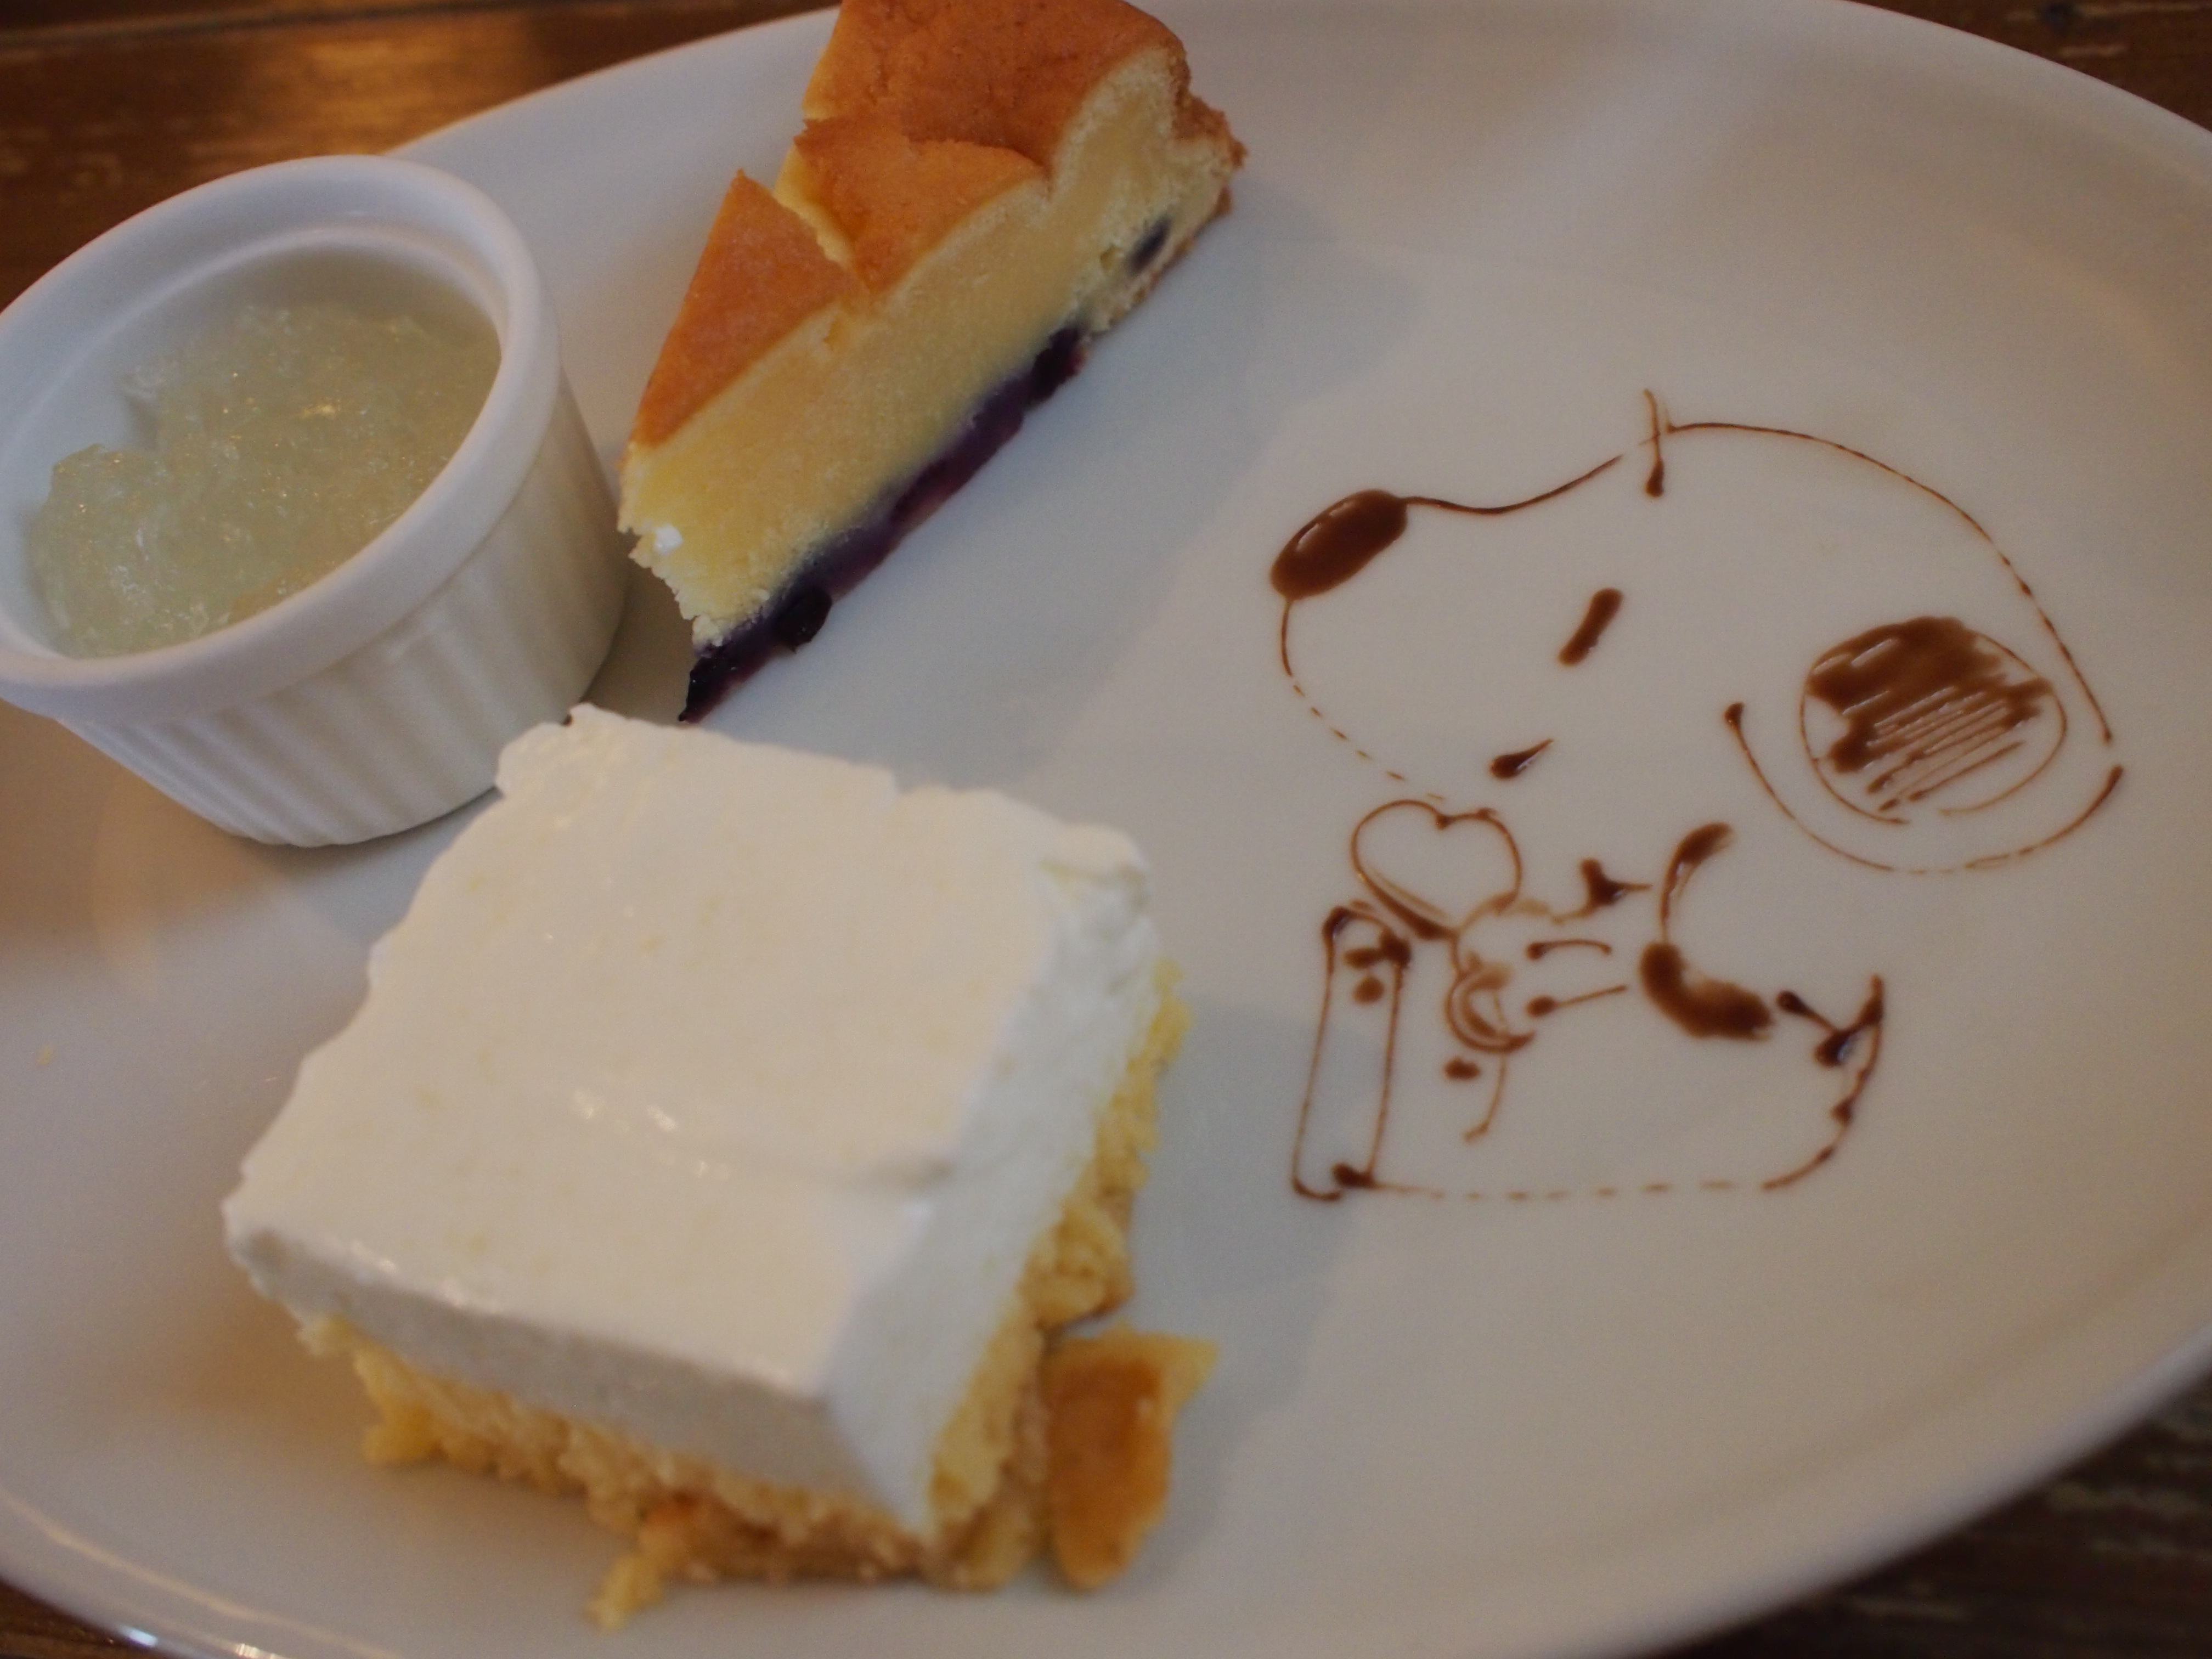 【ブロッサム】茨城県ひたち野うしくの人気イタリアンカフェレストラン。